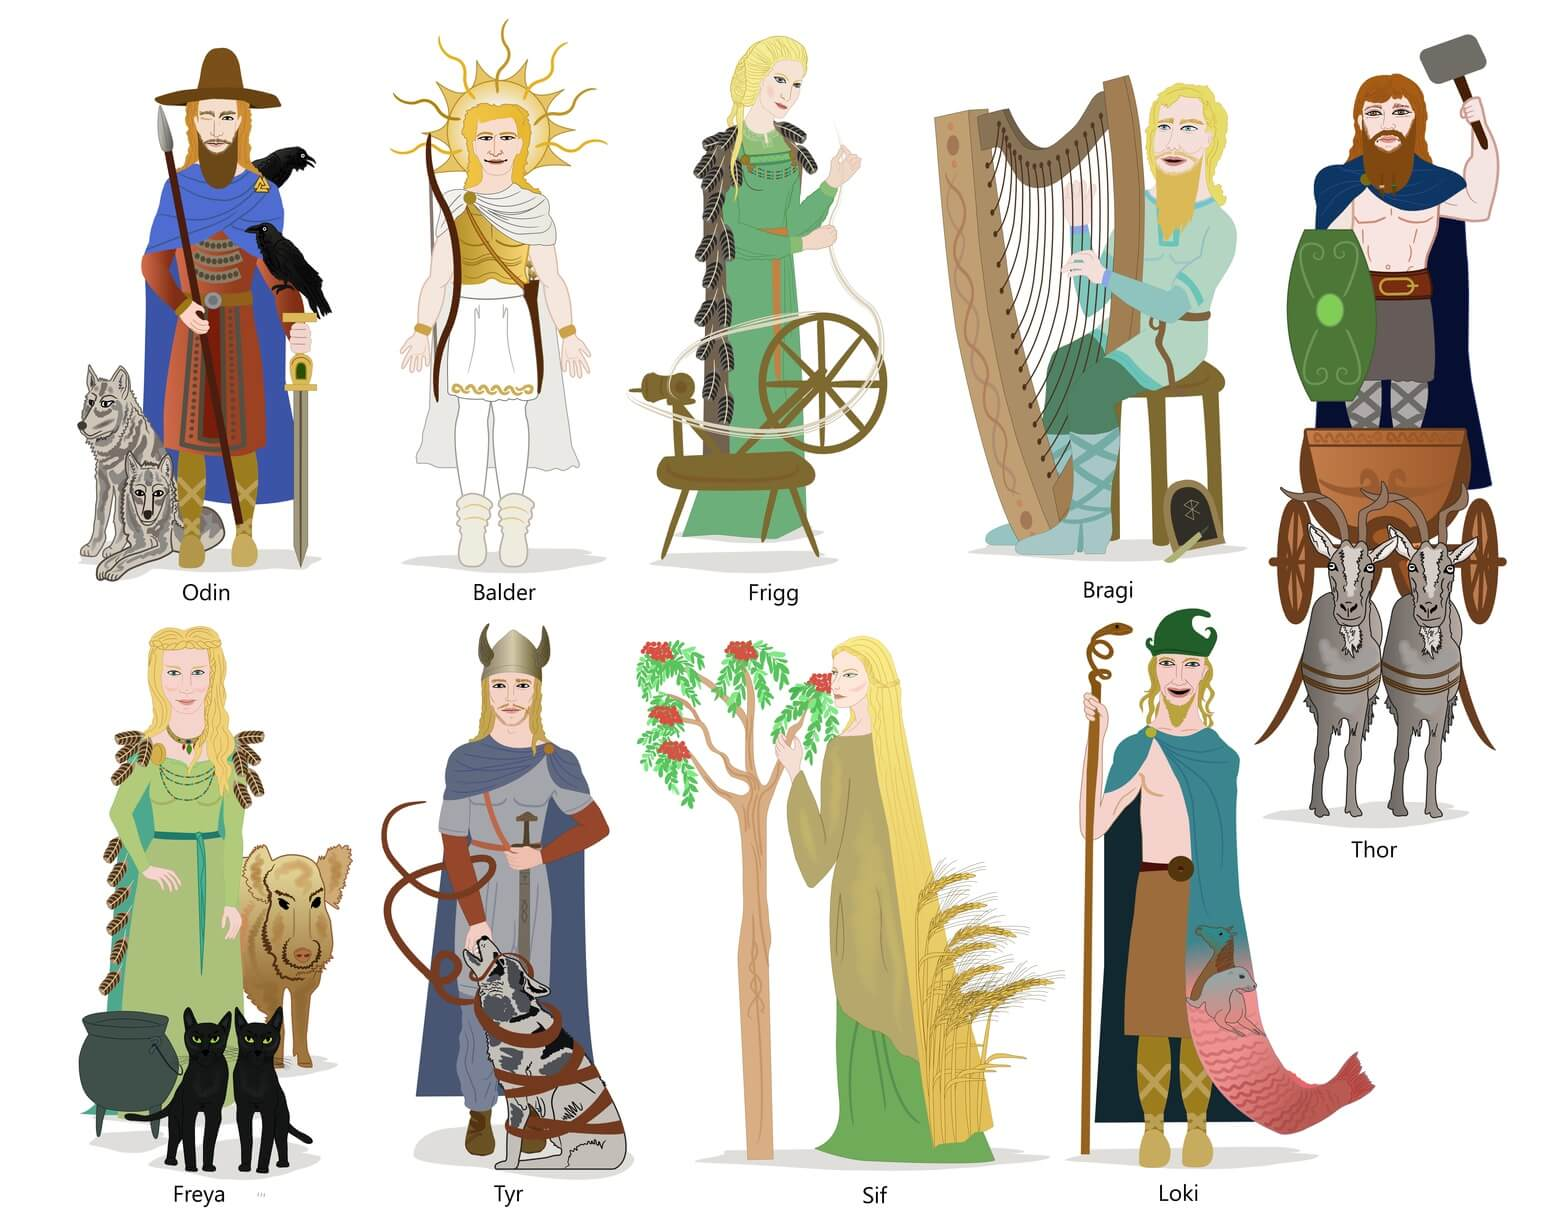 dioses nordicos